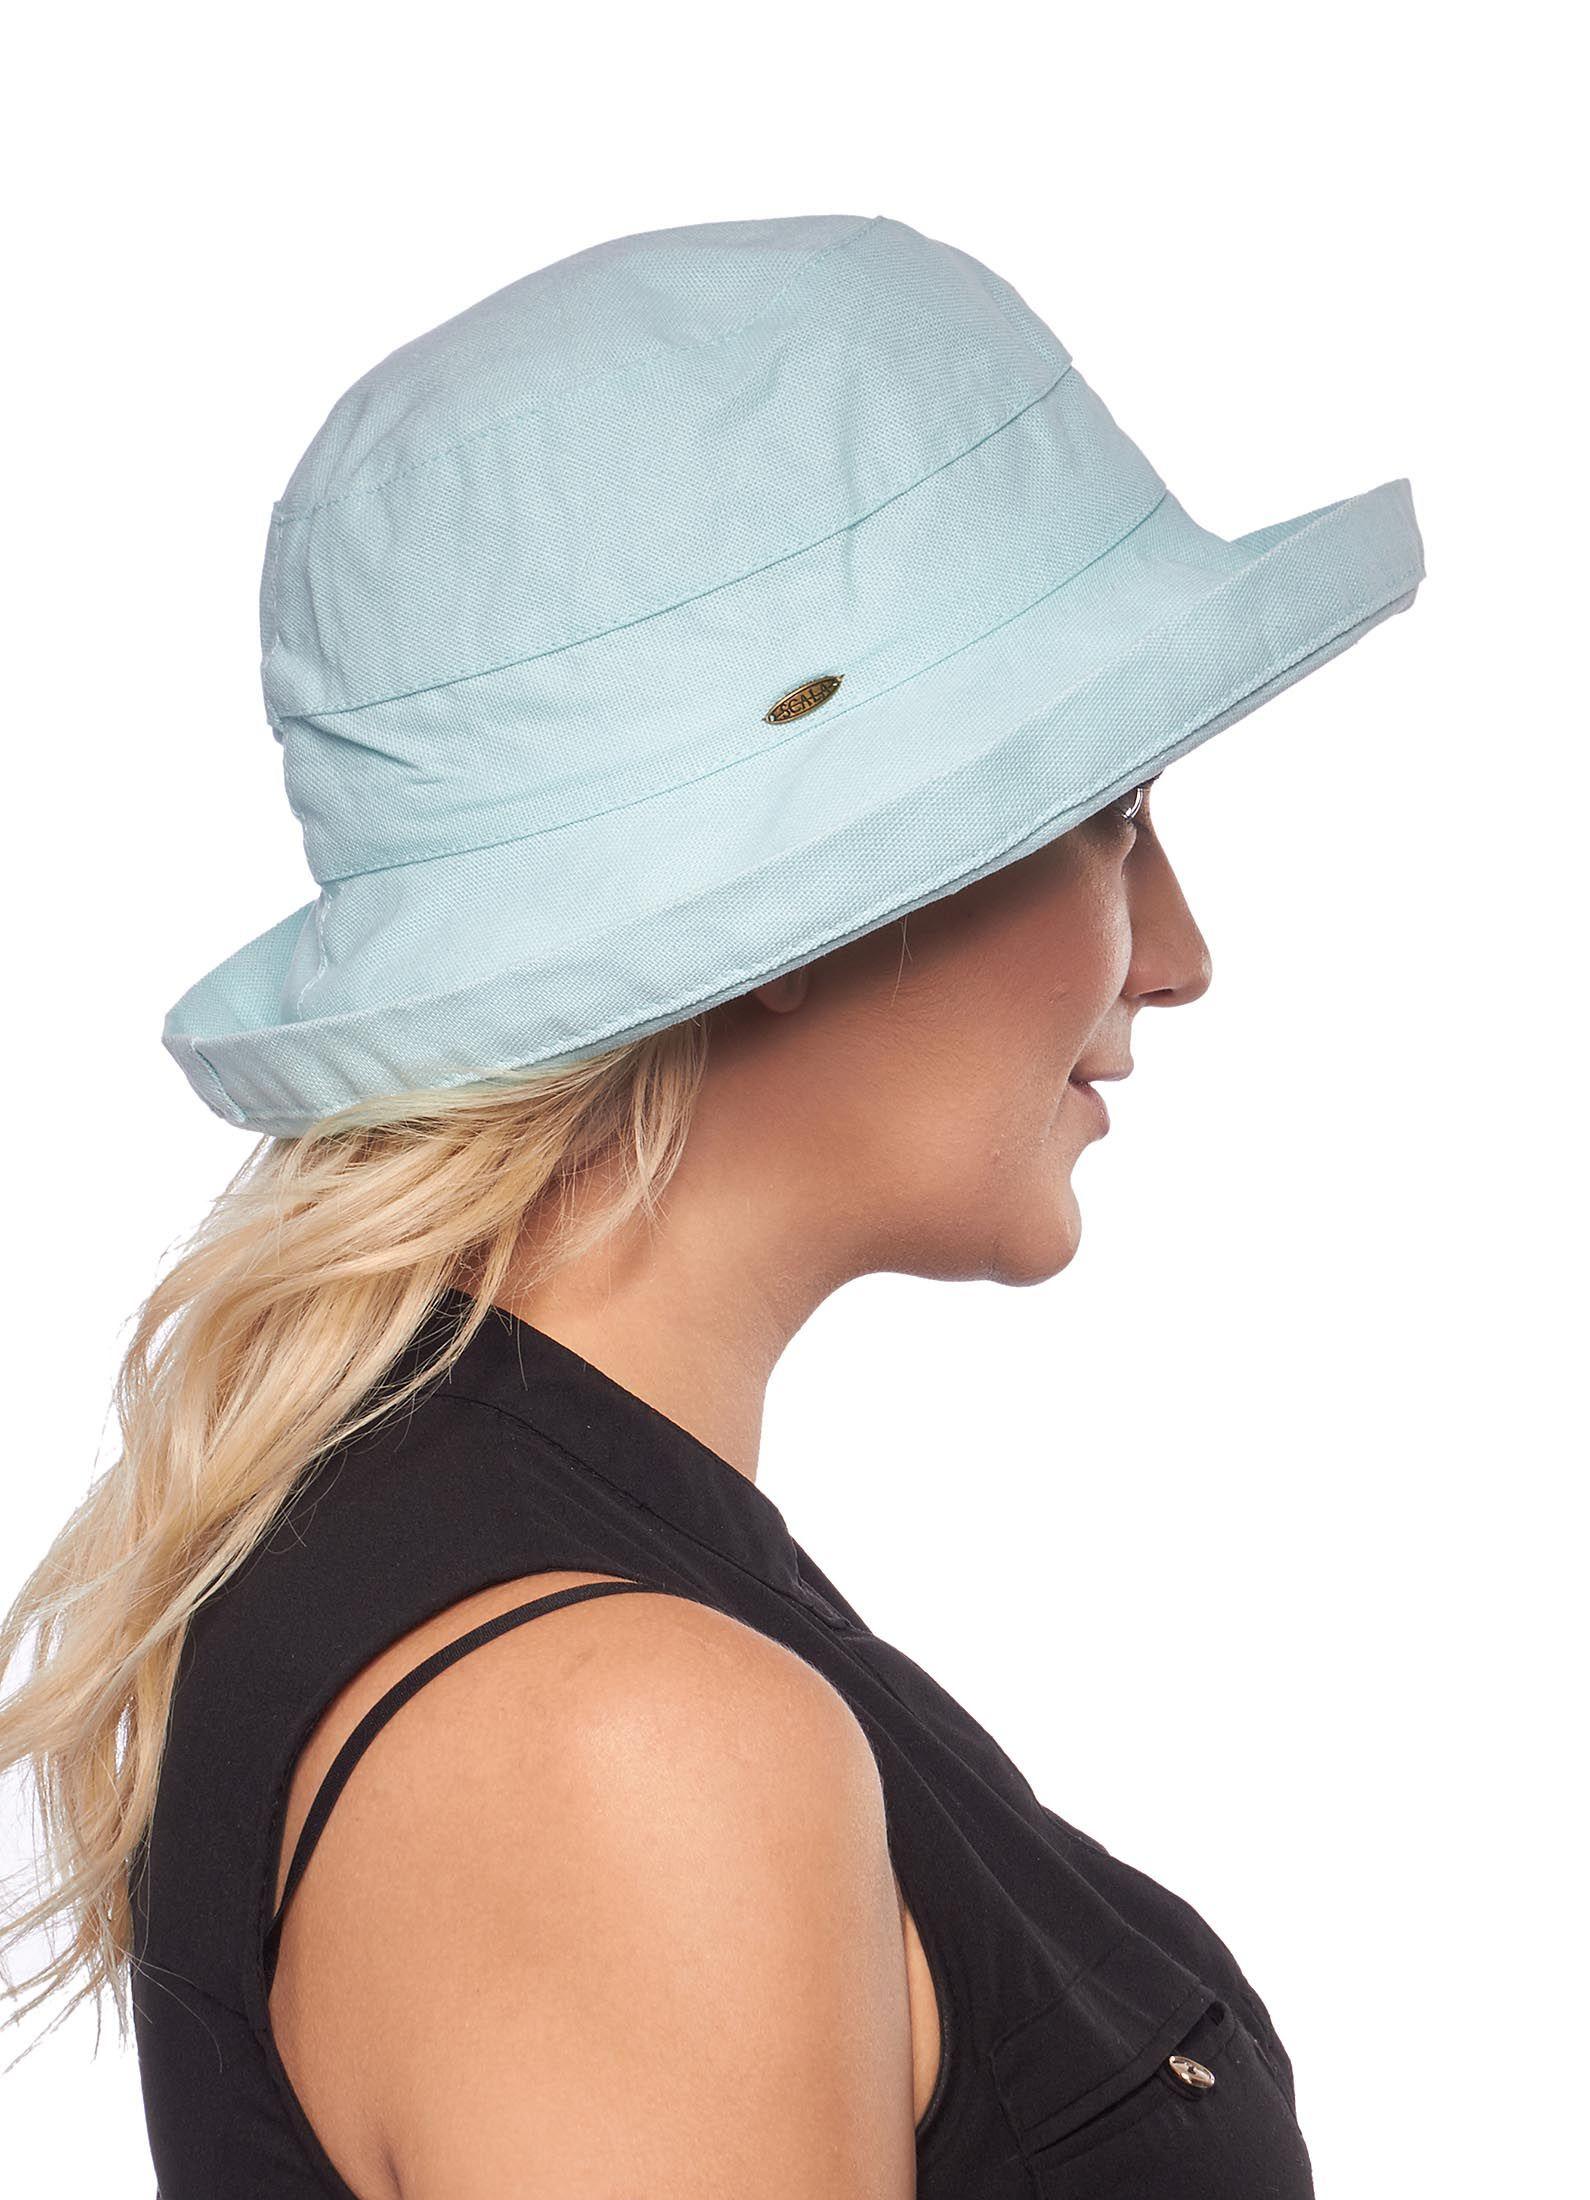 76c800619 Greatlookz-Cozumel-Medium-Brim-Scala-Cotton-Sun-Hat-for-Ladies ...